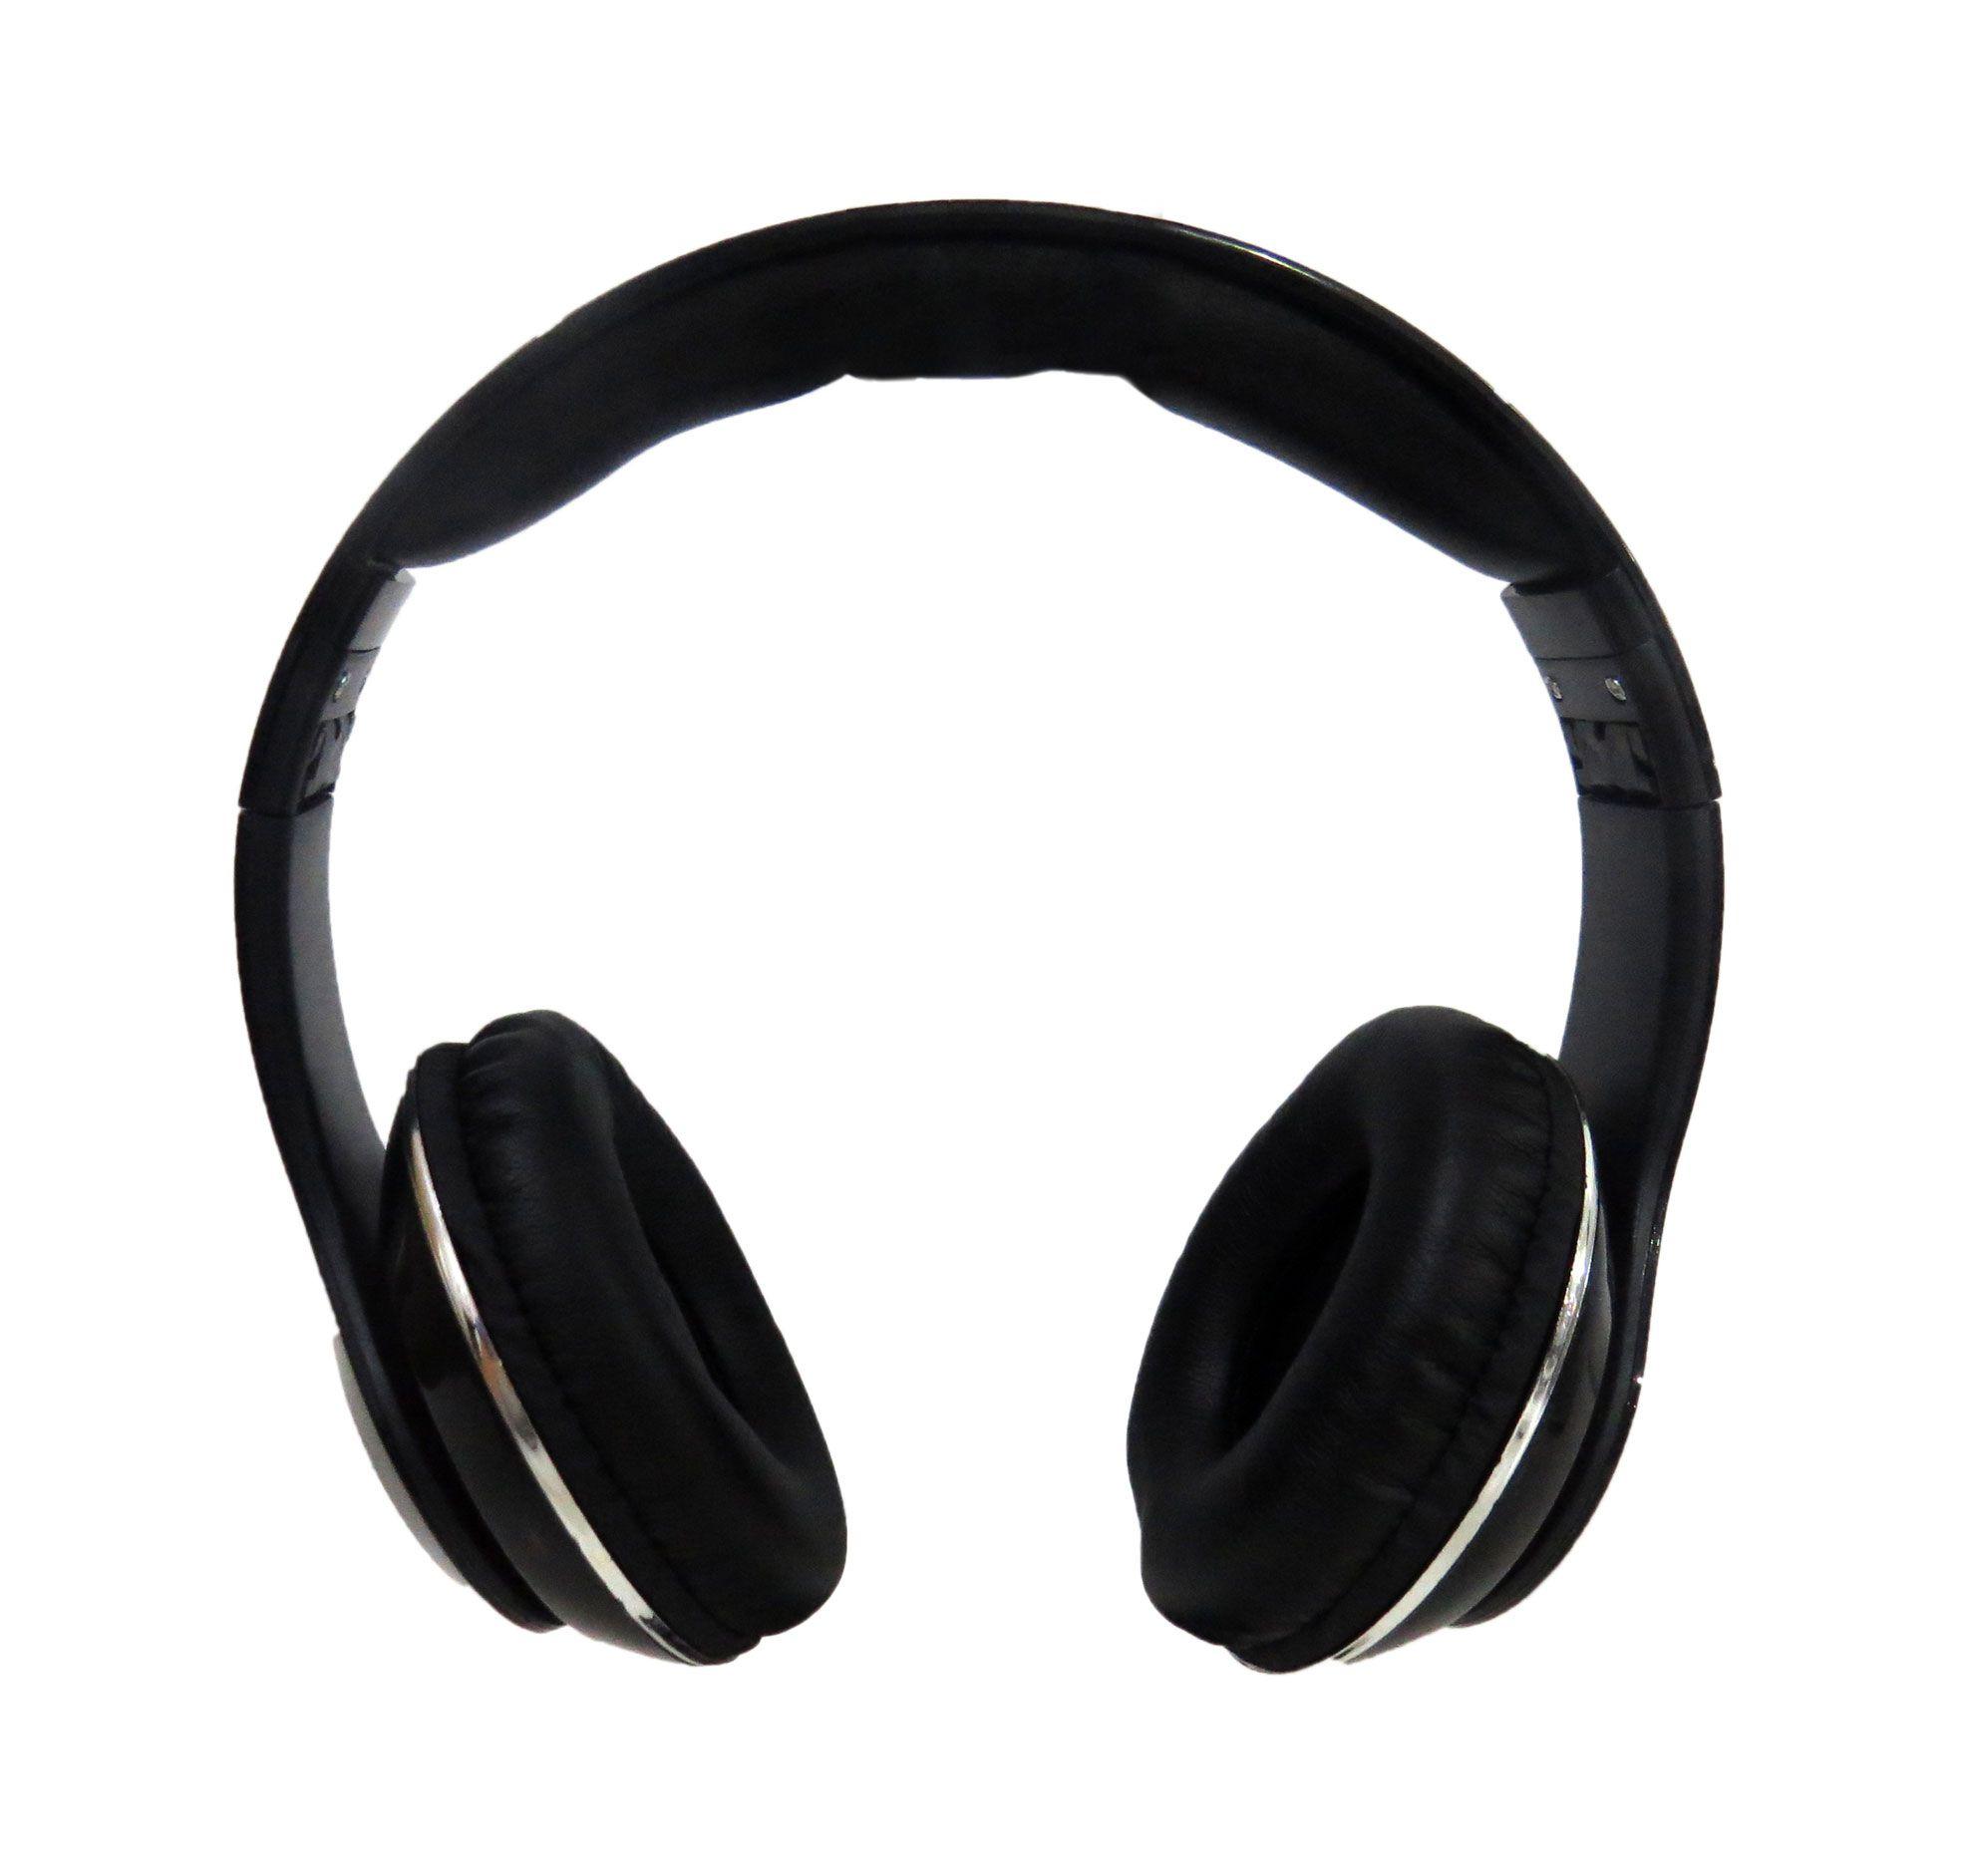 Fone De Ouvido Headphone Super Bass Alta Performance Preto OUTLINE